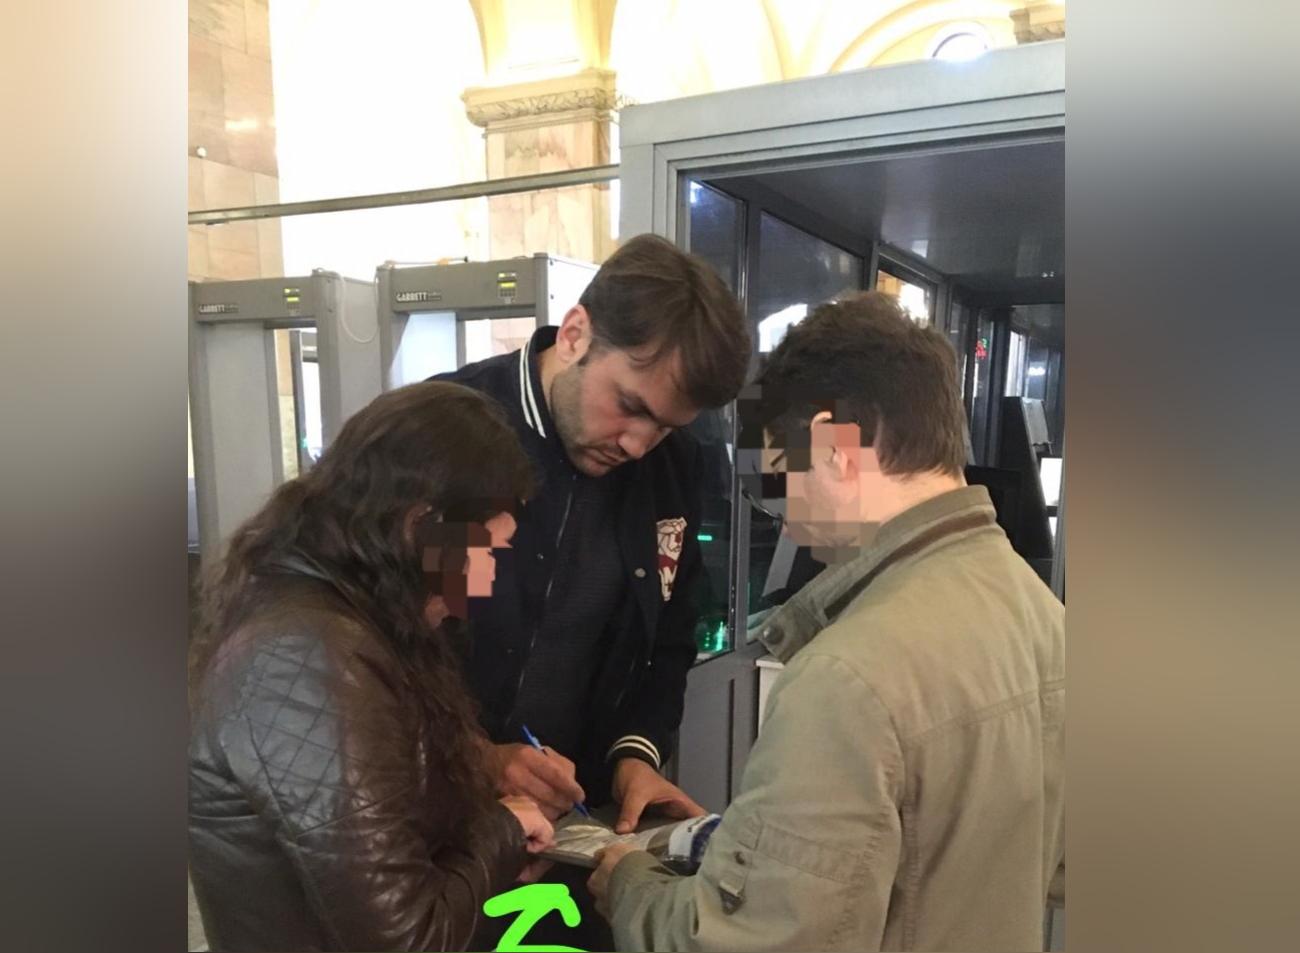 Вокзал в Петербурге закрыли на несколько часов из-за неудачной шутки актера